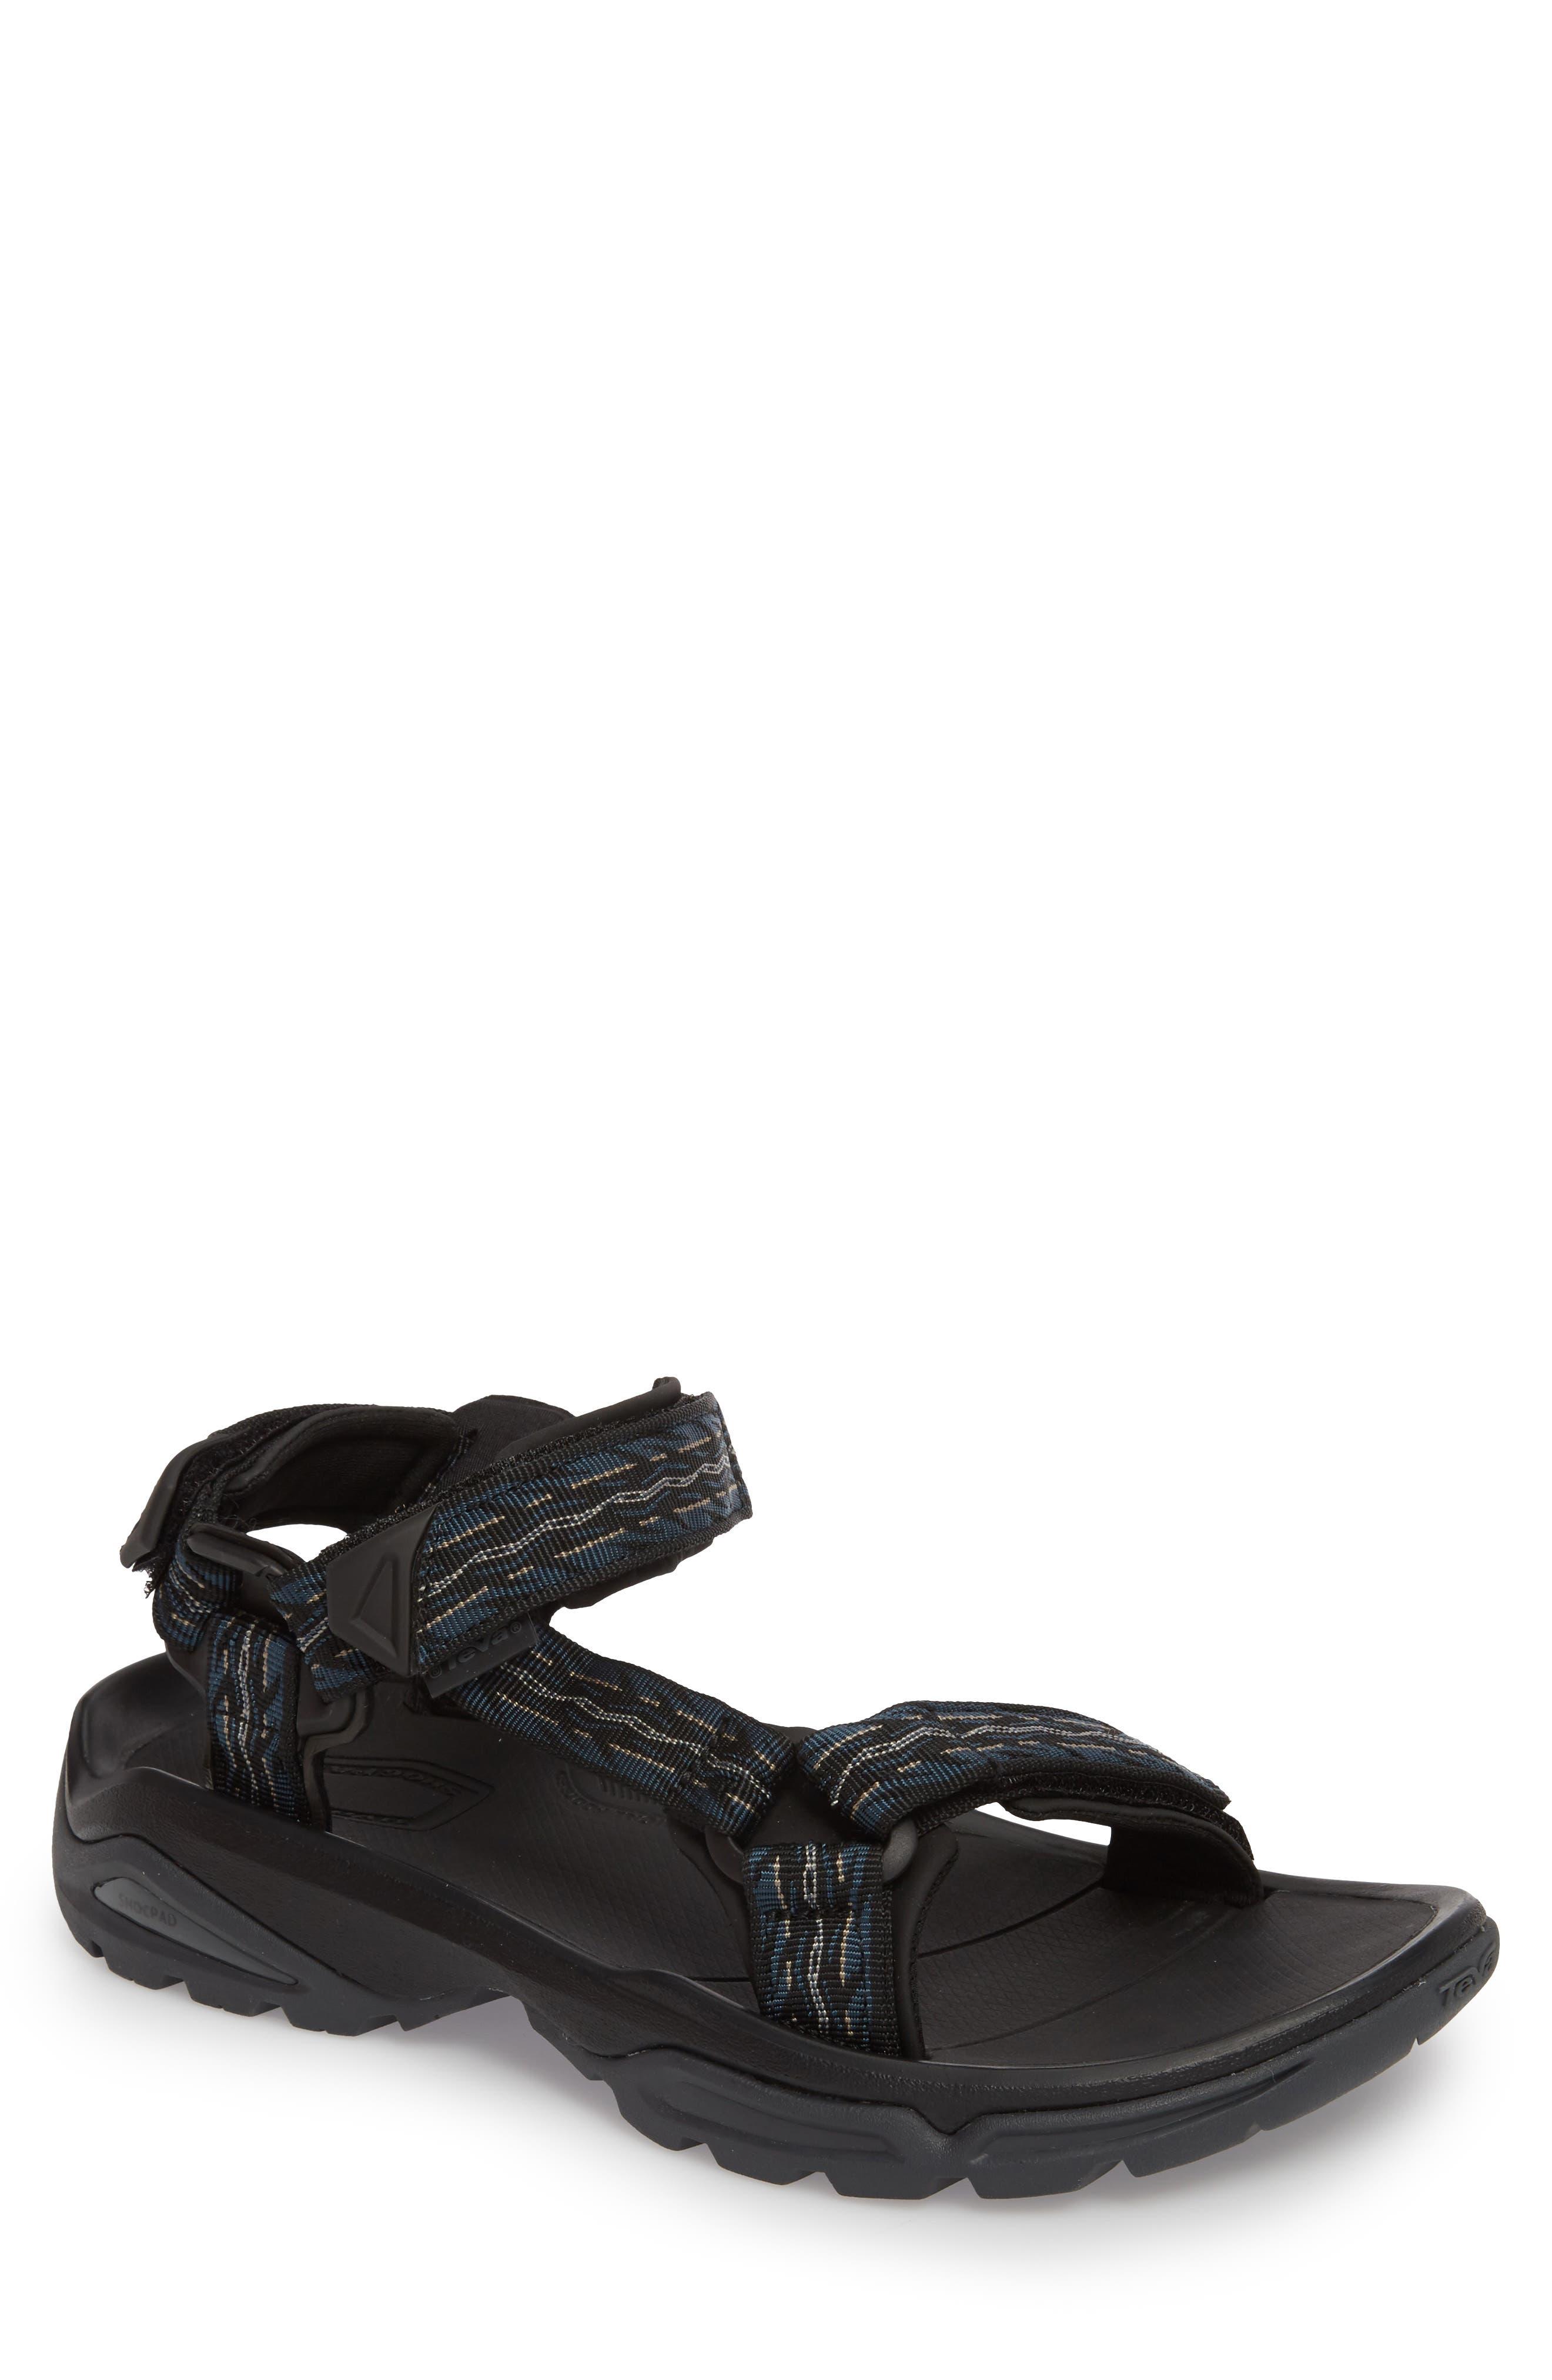 Terra Fi 4 Sport Sandal,                             Main thumbnail 1, color,                             Midnight Blue Nylon